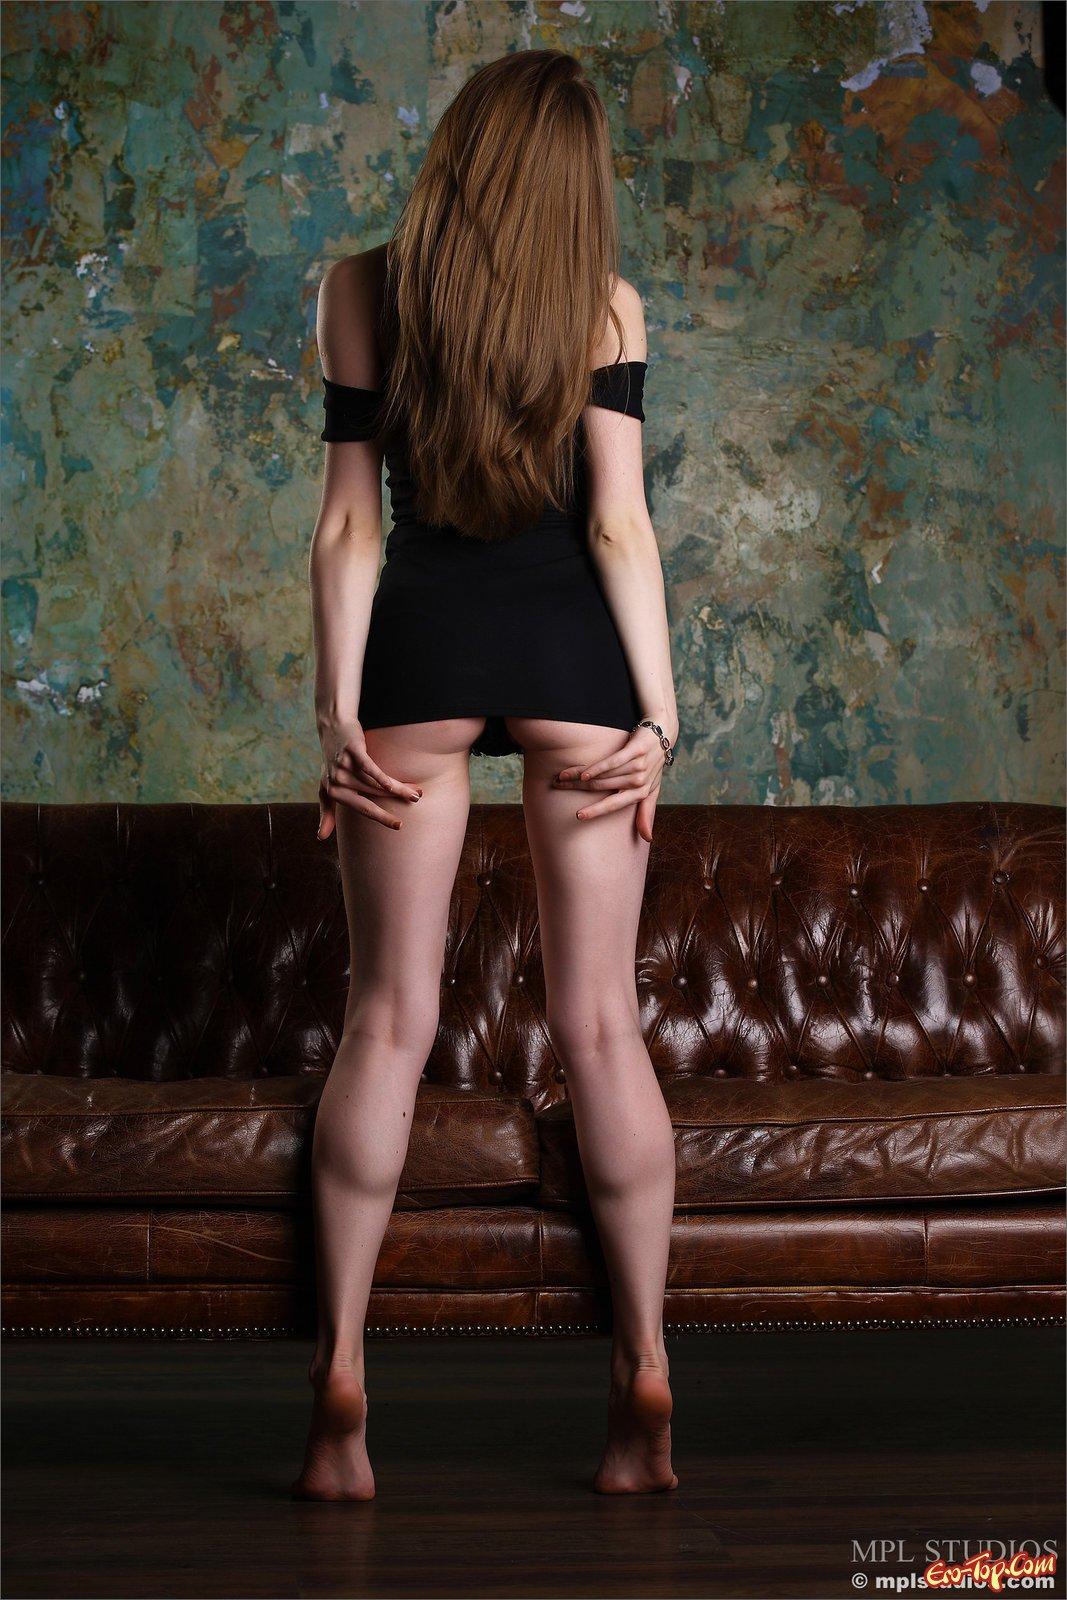 Девушка снимает платье и трусы